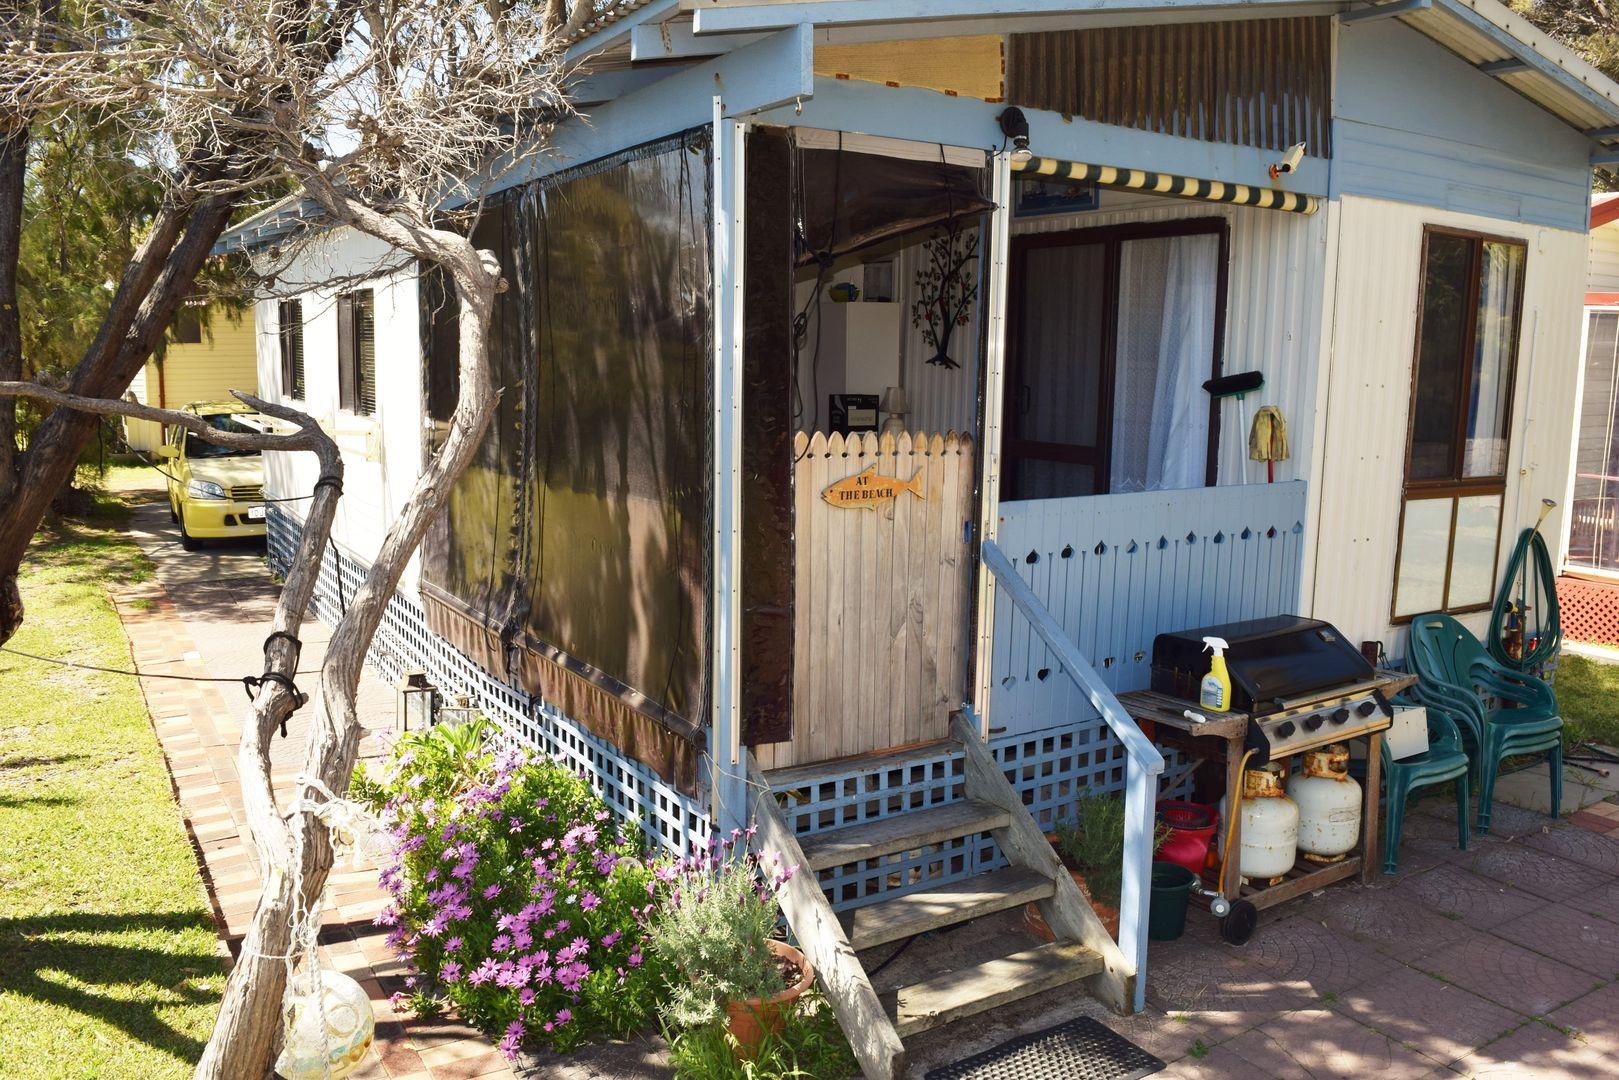 129 Byro Way, Coogee Beach Holiday Resort, Coogee WA 6166, Image 1